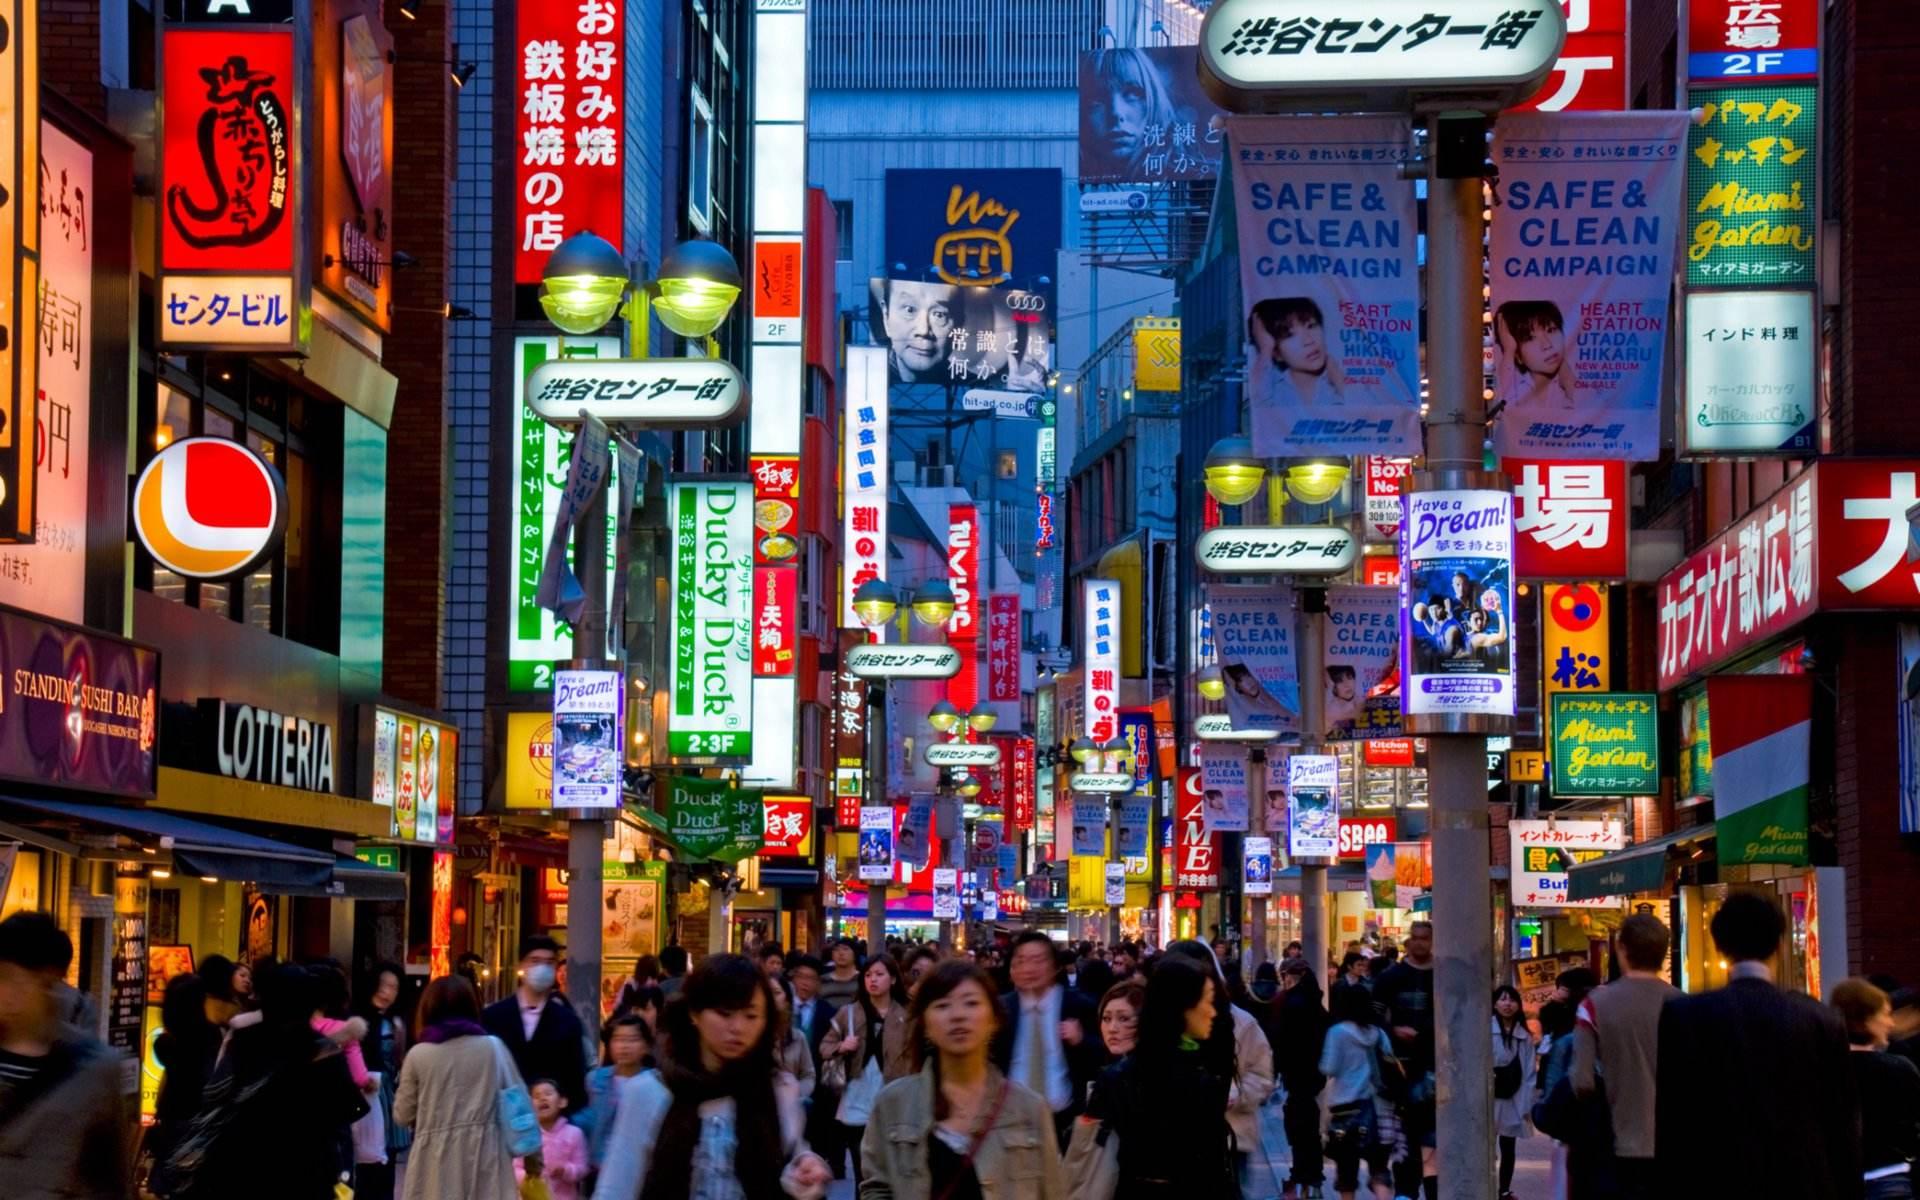 日本人均gdp_打破日本纪录,中国GDP总量预计达到美国75%,美还埋下更